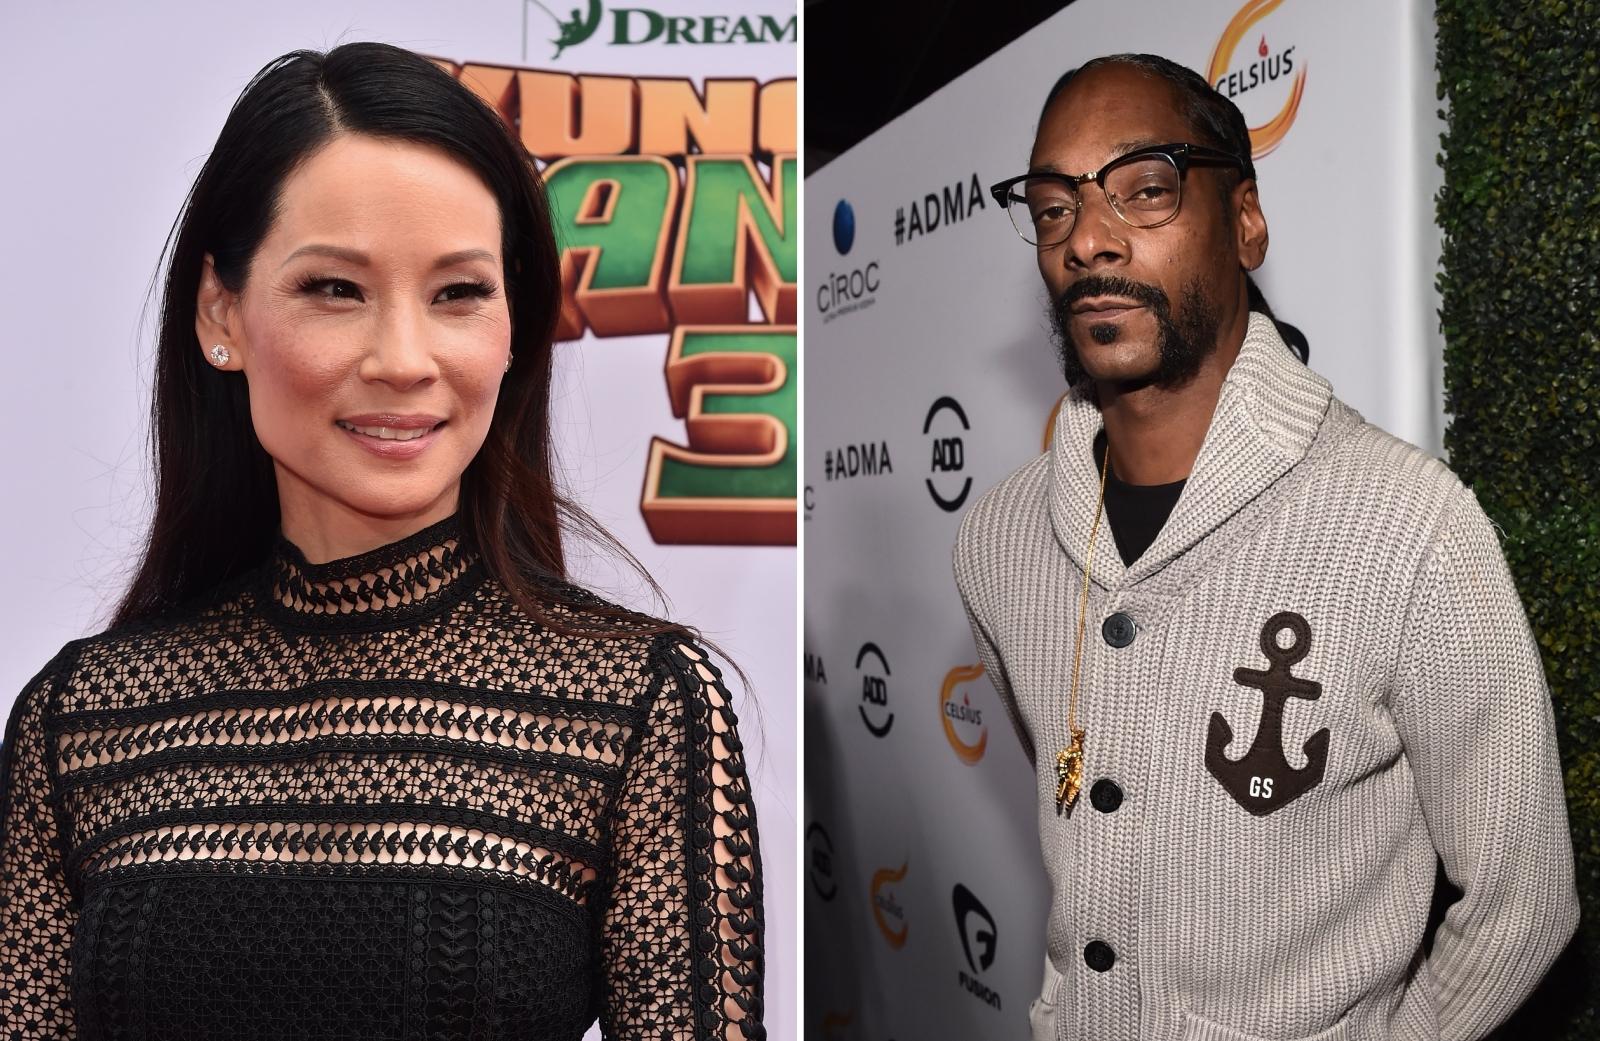 Lucy Liu and Snoop Dogg